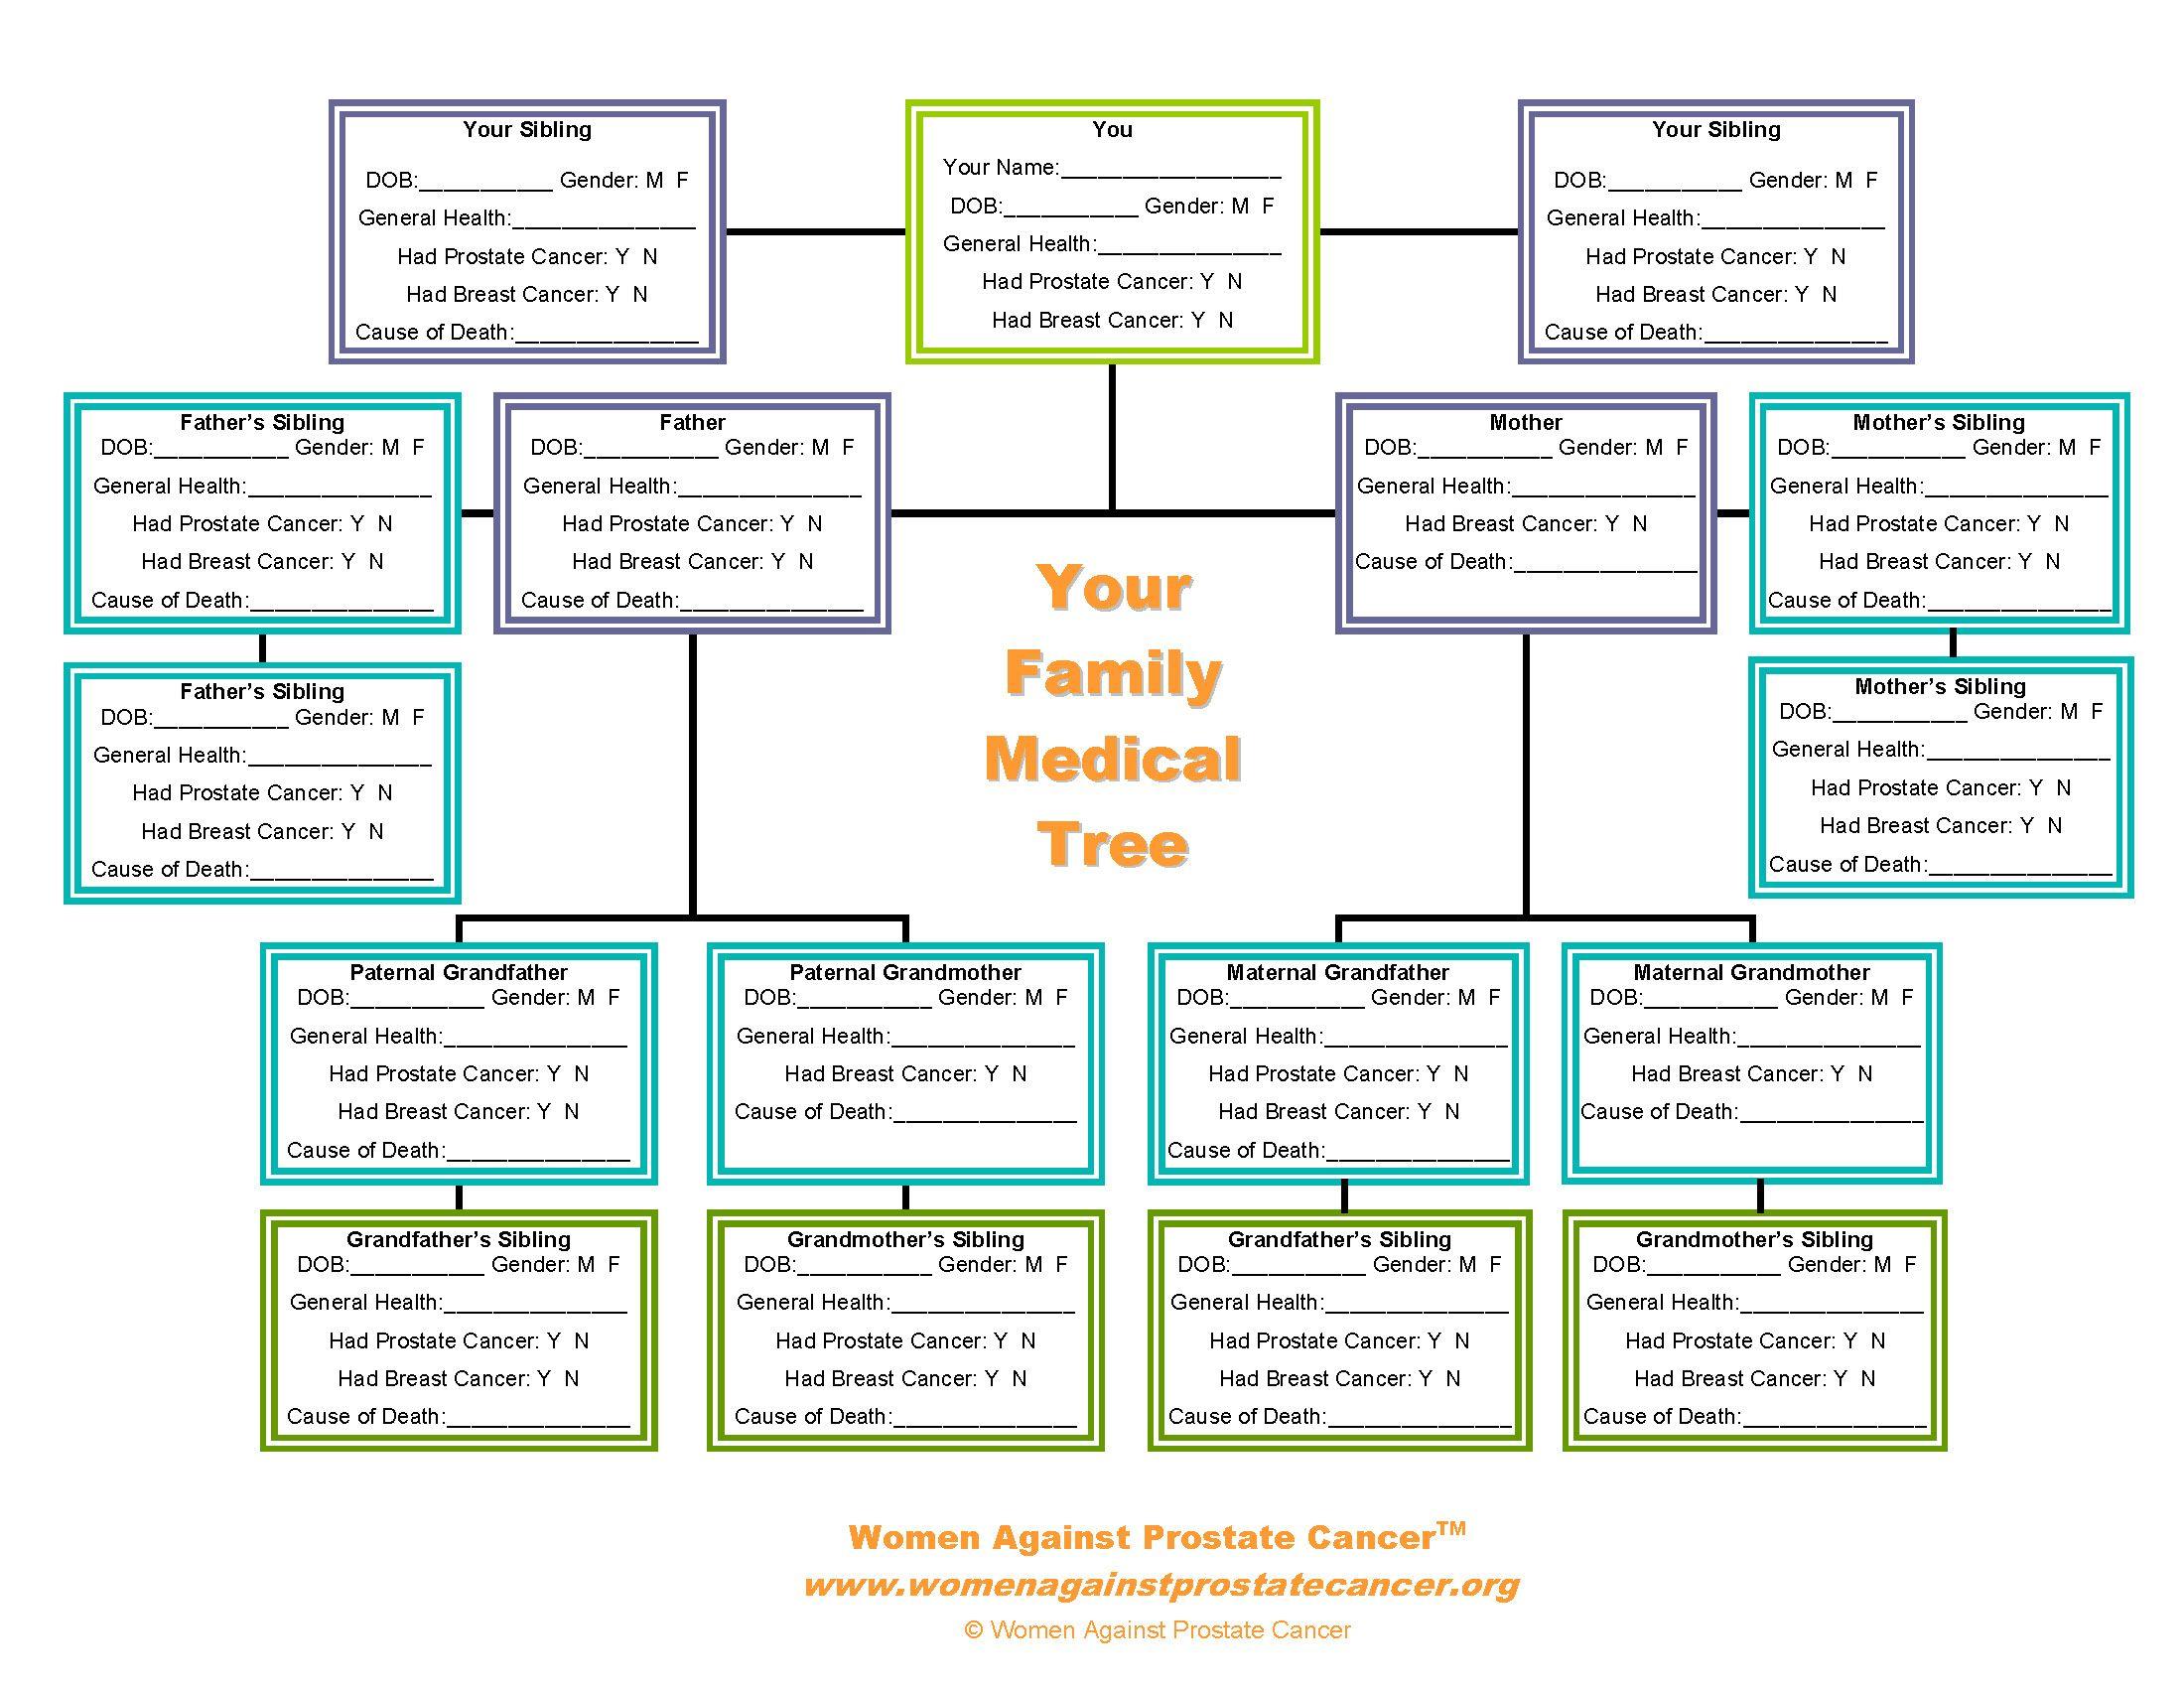 family tree forms pedigree chart | WAPC's Family Medical Tree tool ...